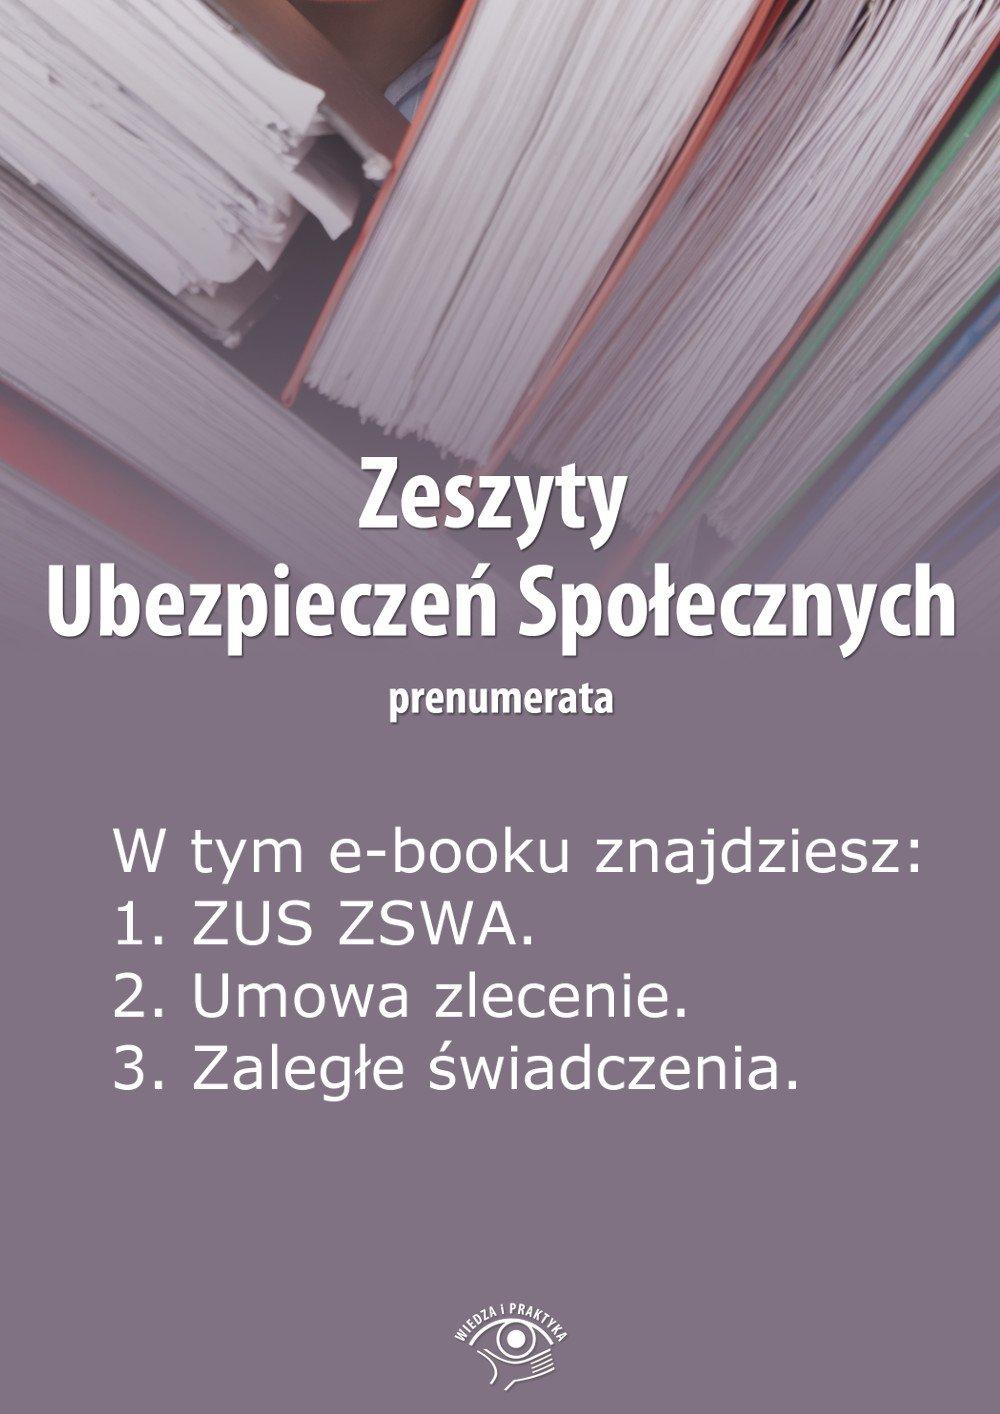 Zeszyty Ubezpieczeń Społecznych. Wydanie marzec 2014 r. - Ebook (Książka EPUB) do pobrania w formacie EPUB